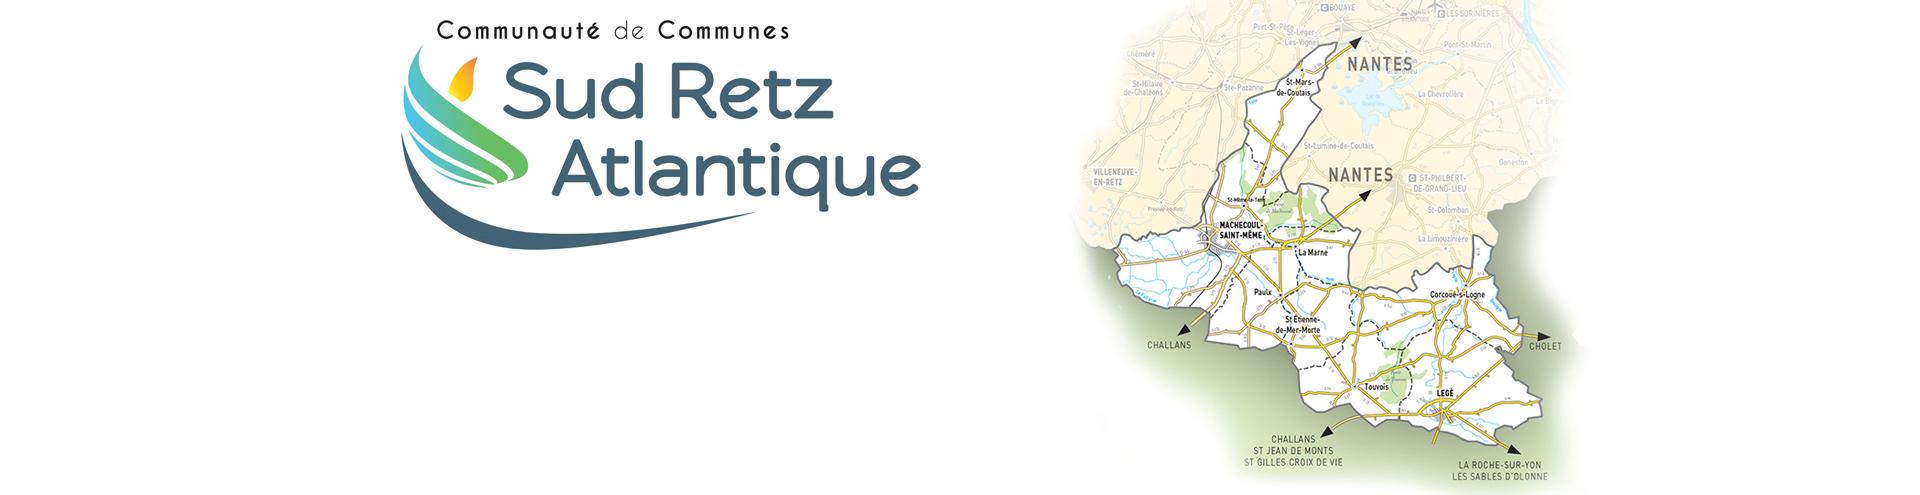 Carte Sud Retz Atlantique 2020 Communauté de Communes